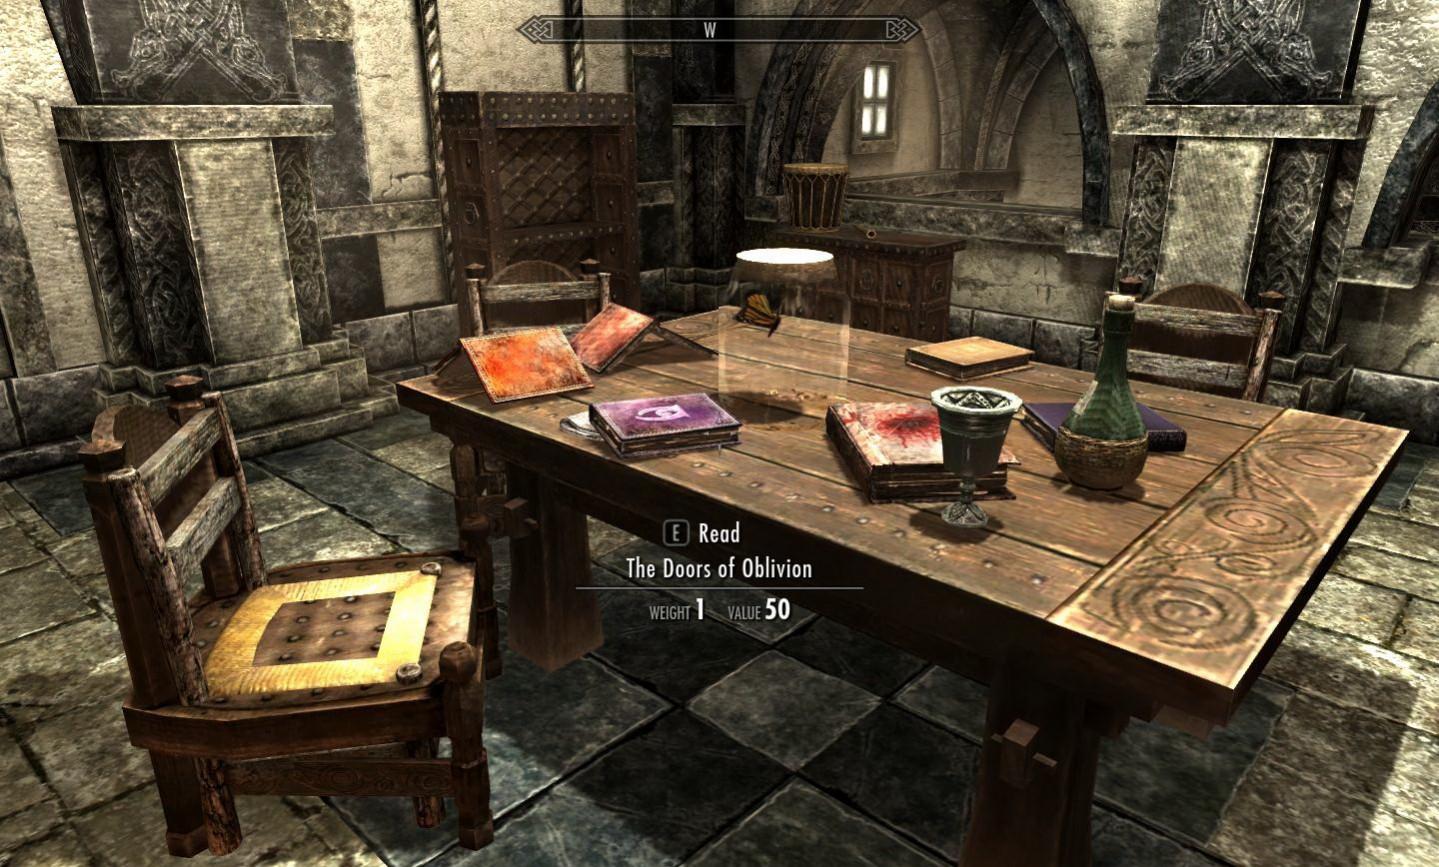 Gamesajare jugar a las casitas